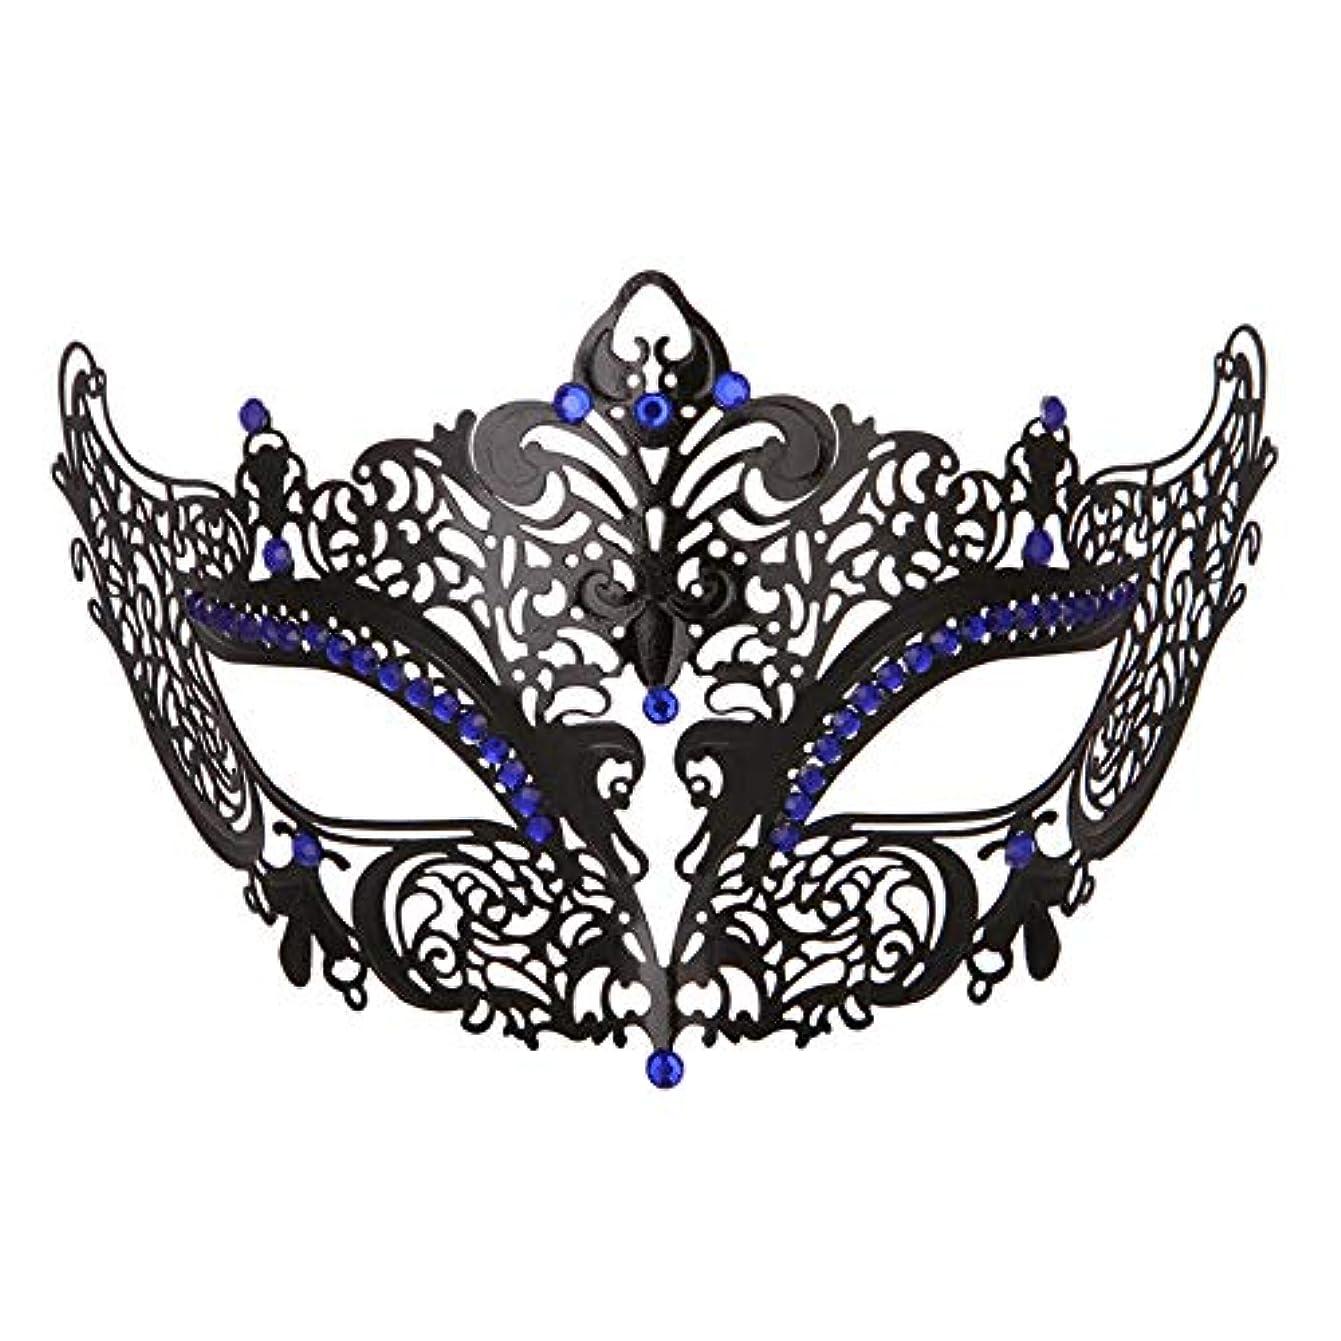 マザーランド最適忠実なダンスマスク 高級金属鉄マスク女性美少女中空ハーフフェイスファッションナイトクラブパーティー仮面舞踏会マスク ホリデーパーティー用品 (色 : 青, サイズ : 19x8cm)